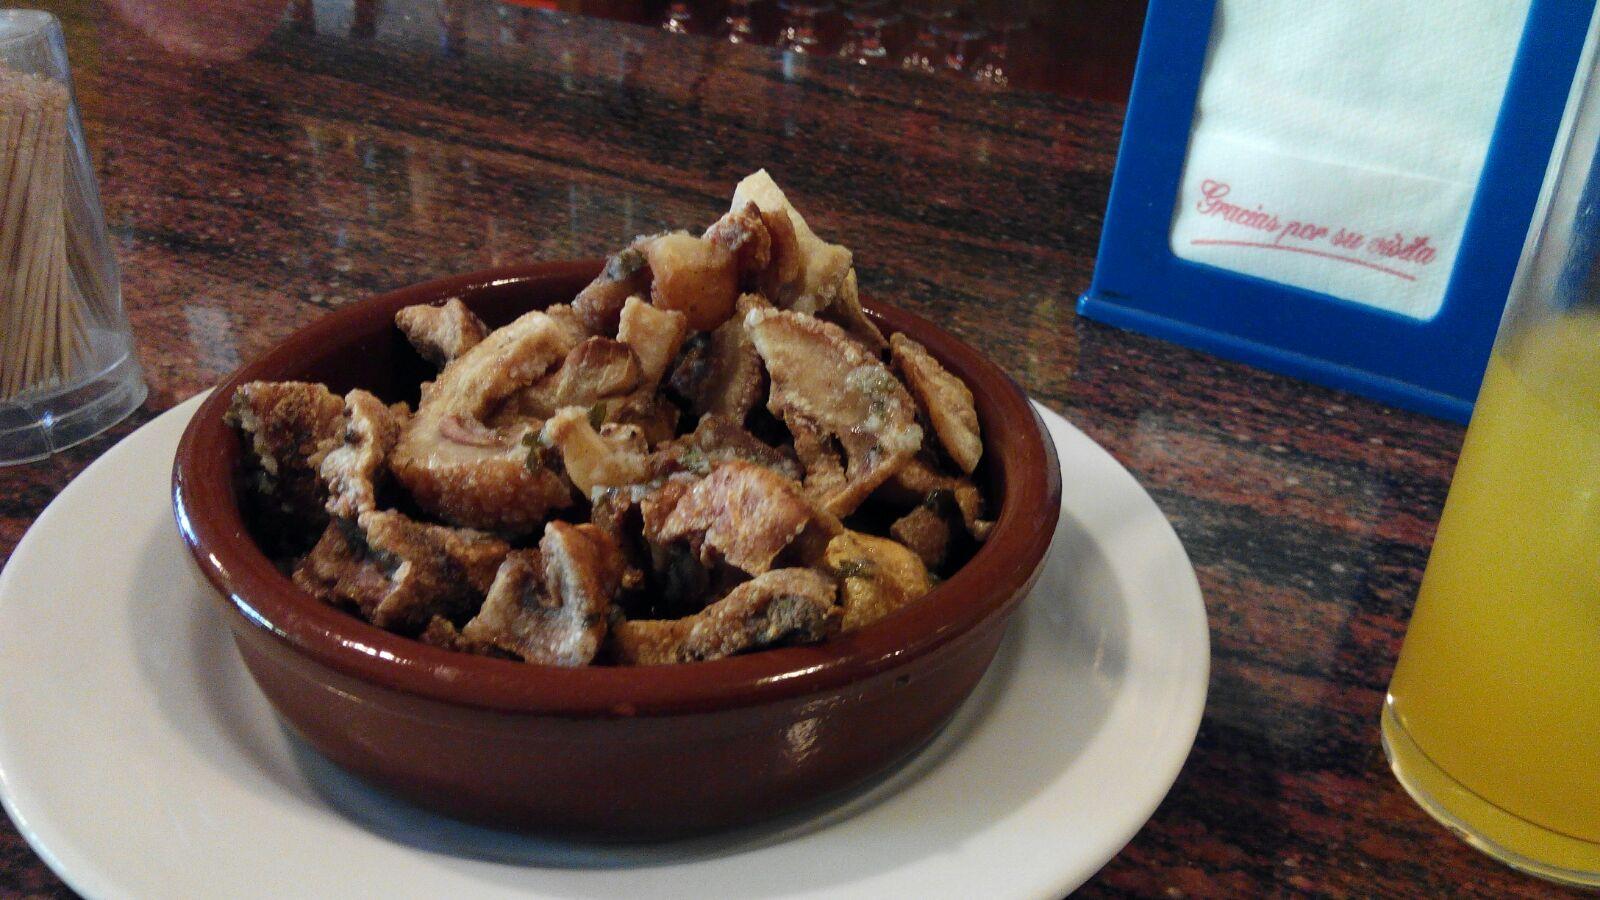 racion_morro_checa_gastronomia_guadalajara